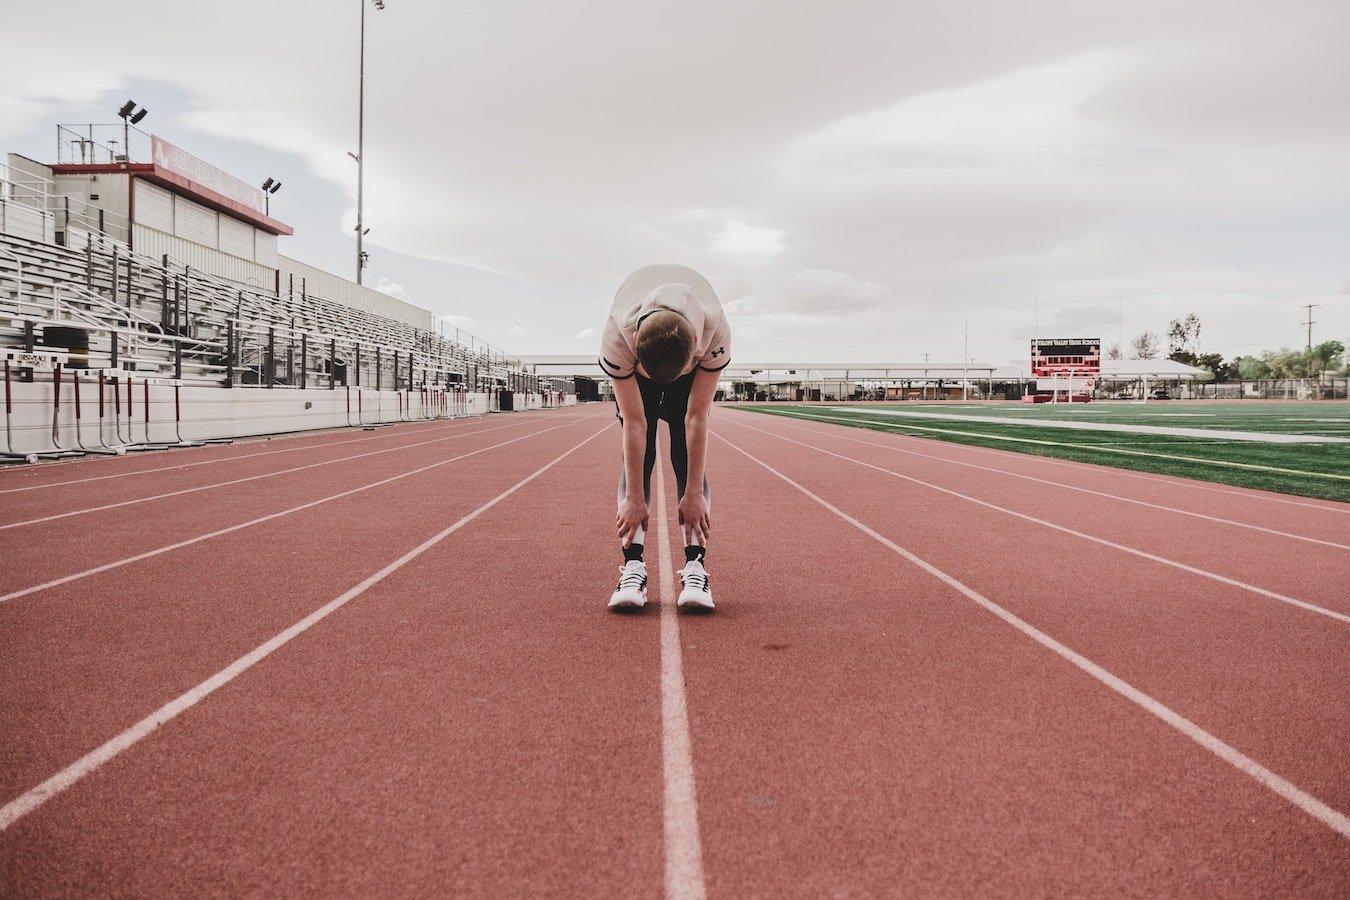 Как улучшить результаты в спорте?